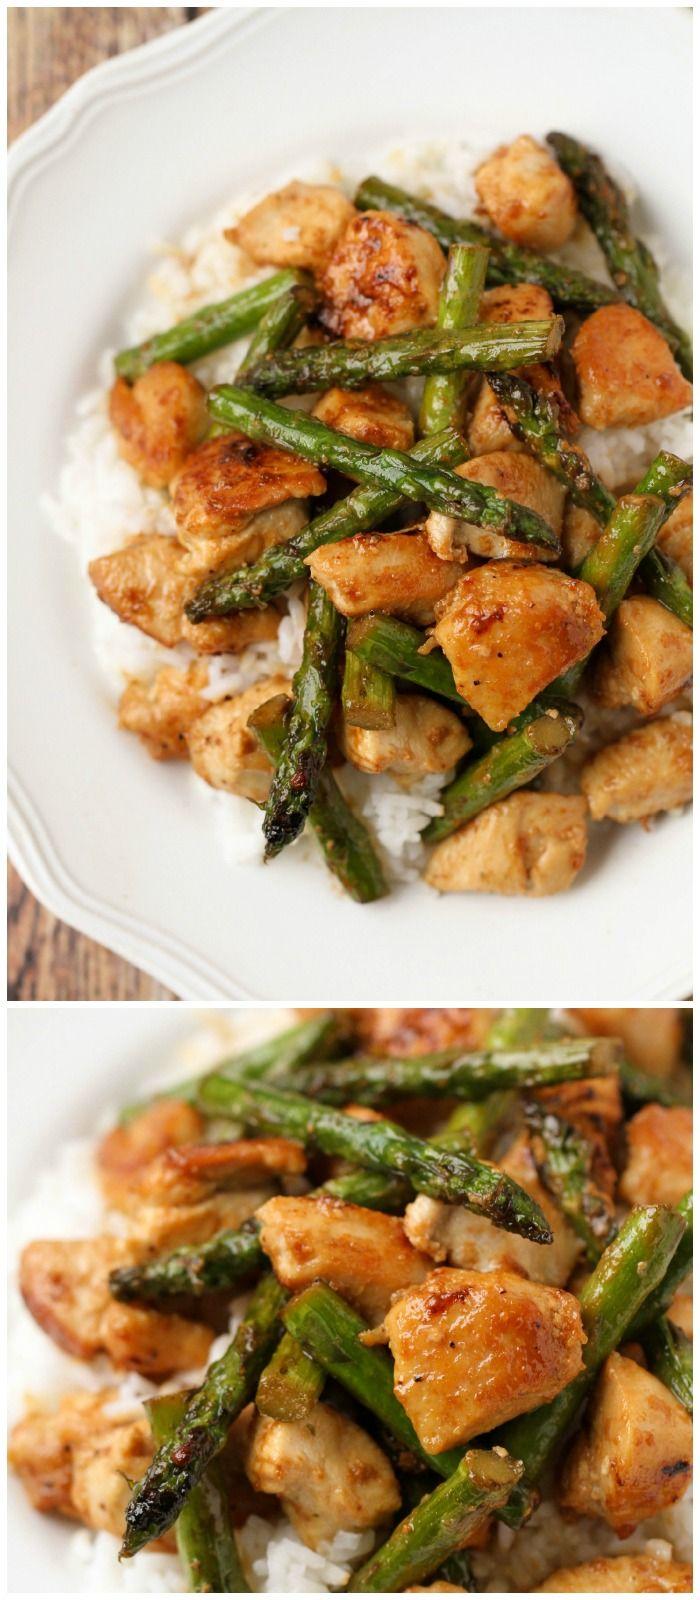 DELICIOUS Lemon Chicken and Asparagus Stir Fry recipe { lilluna.com }